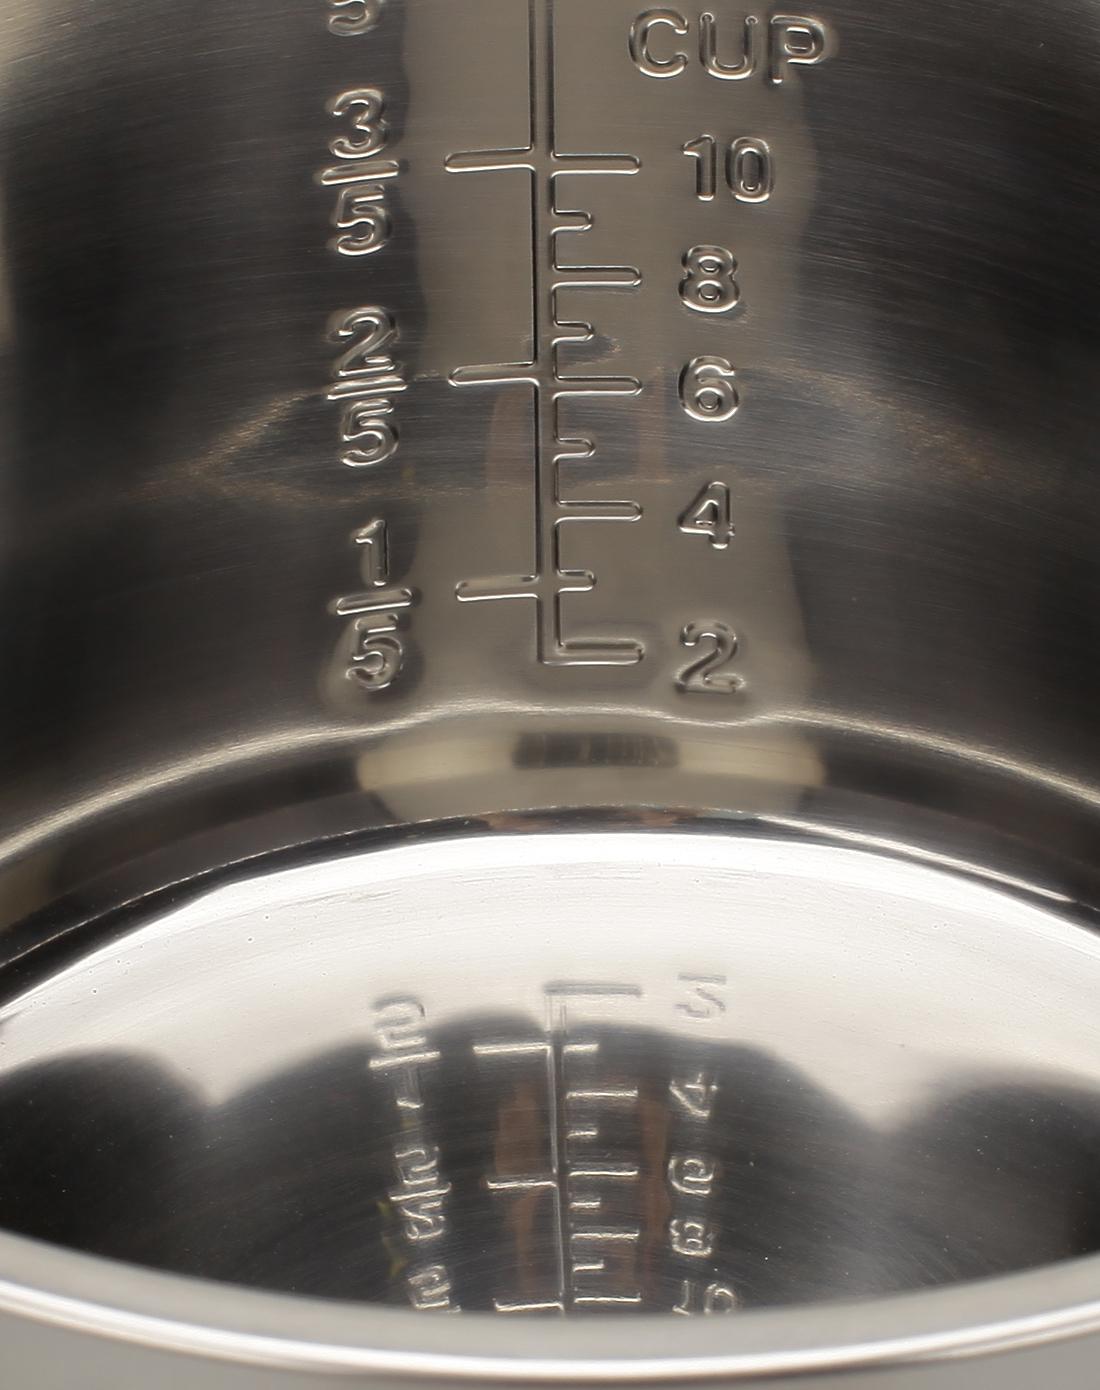 5升电压力煲内胆